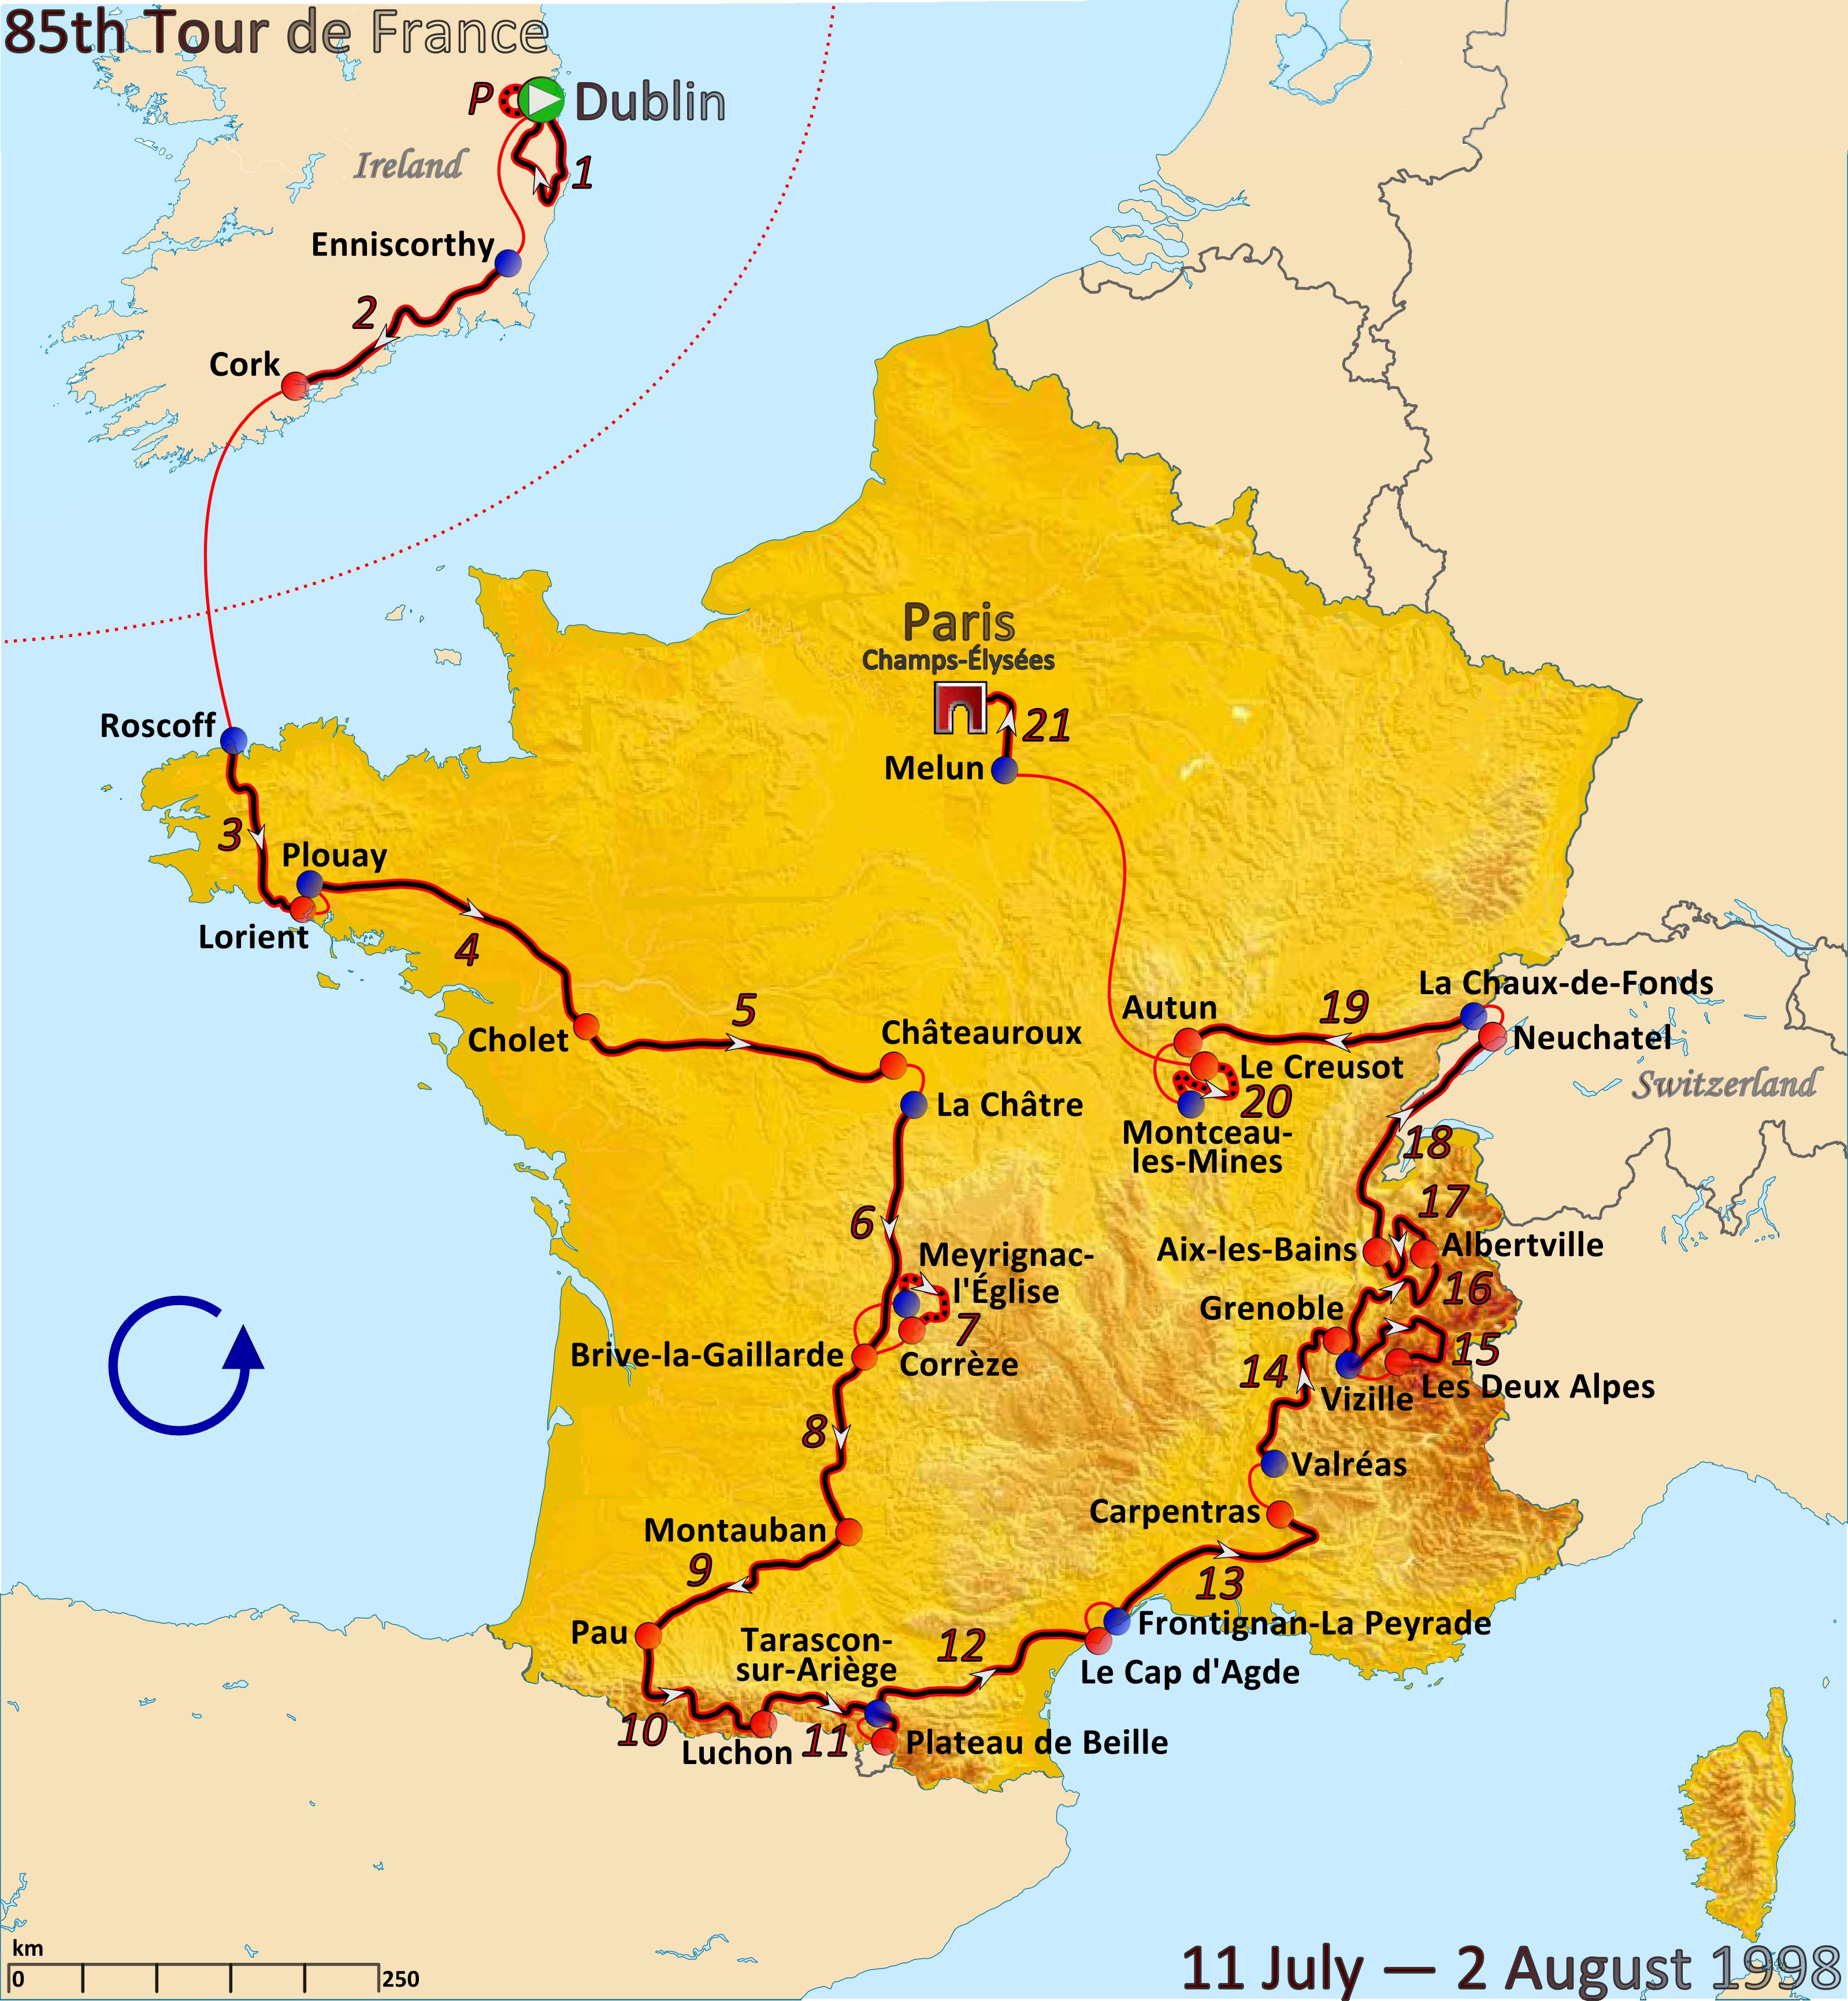 Depiction of Tour de Francia 1998